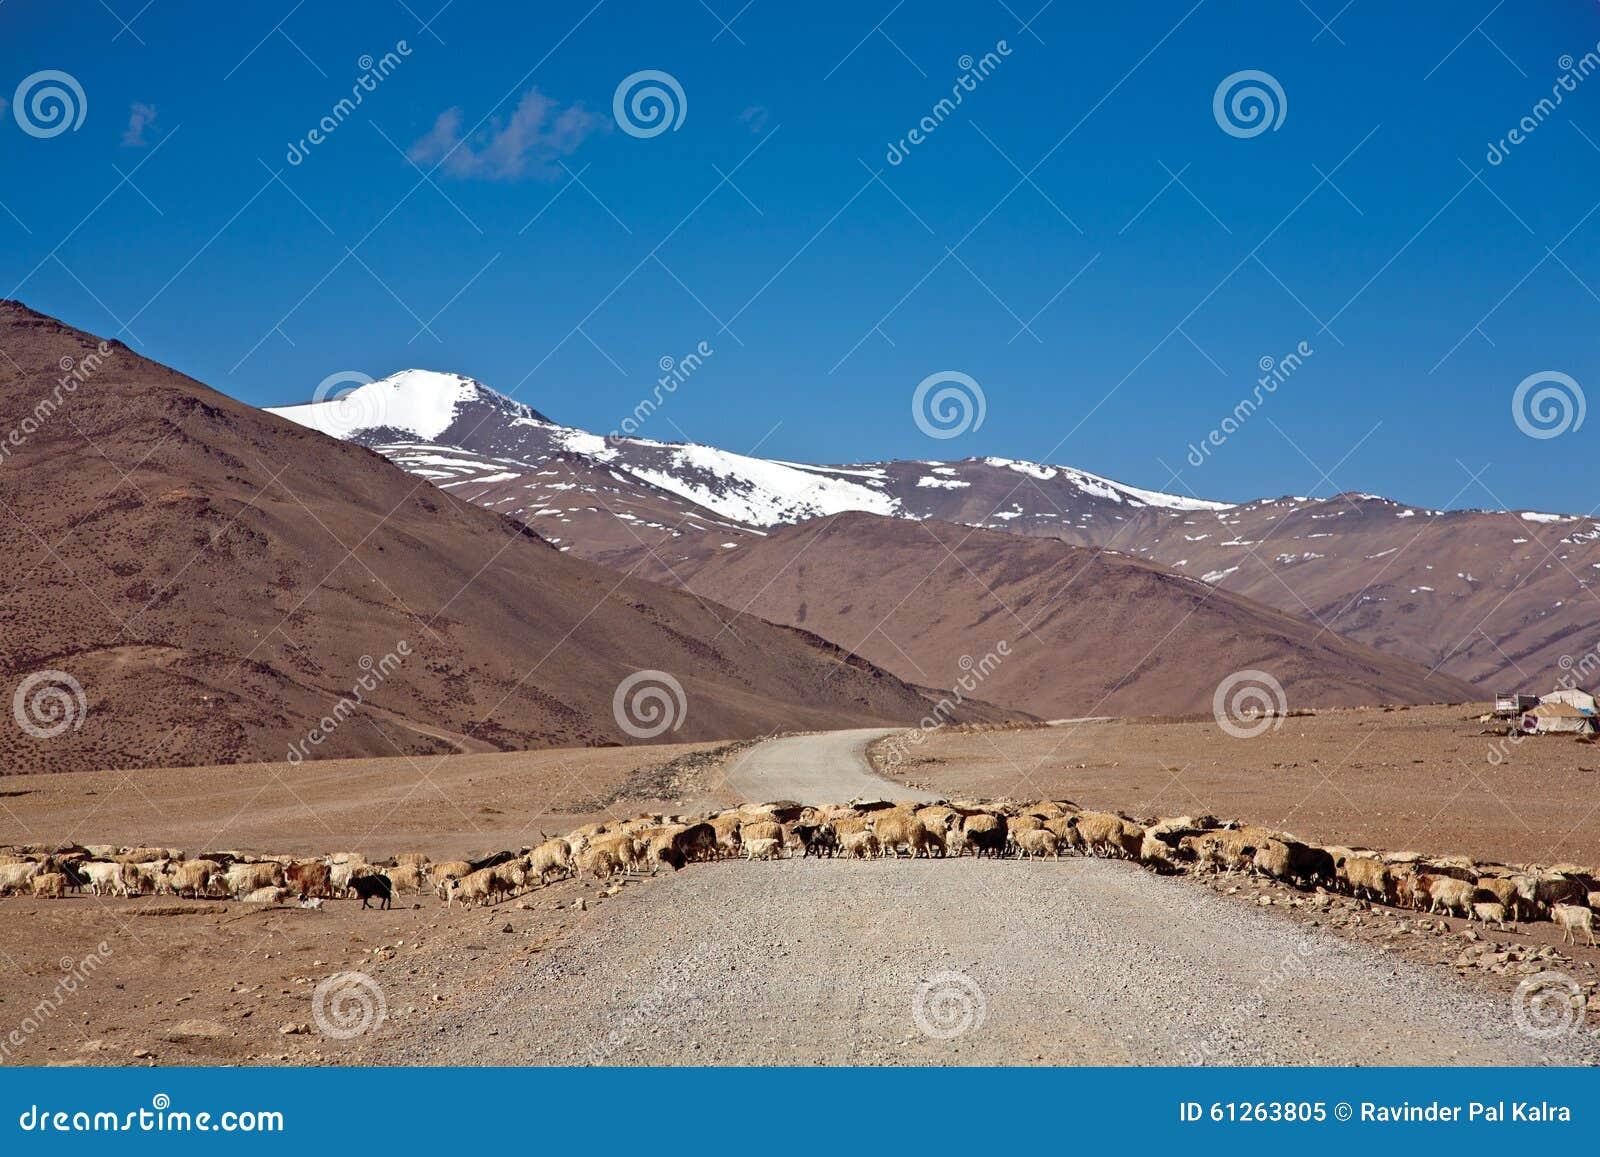 Una multitud de ovejas está cruzando más claramente en la carretera de Leh-Manali, Ladakh, Jammu y Cachemira, la India